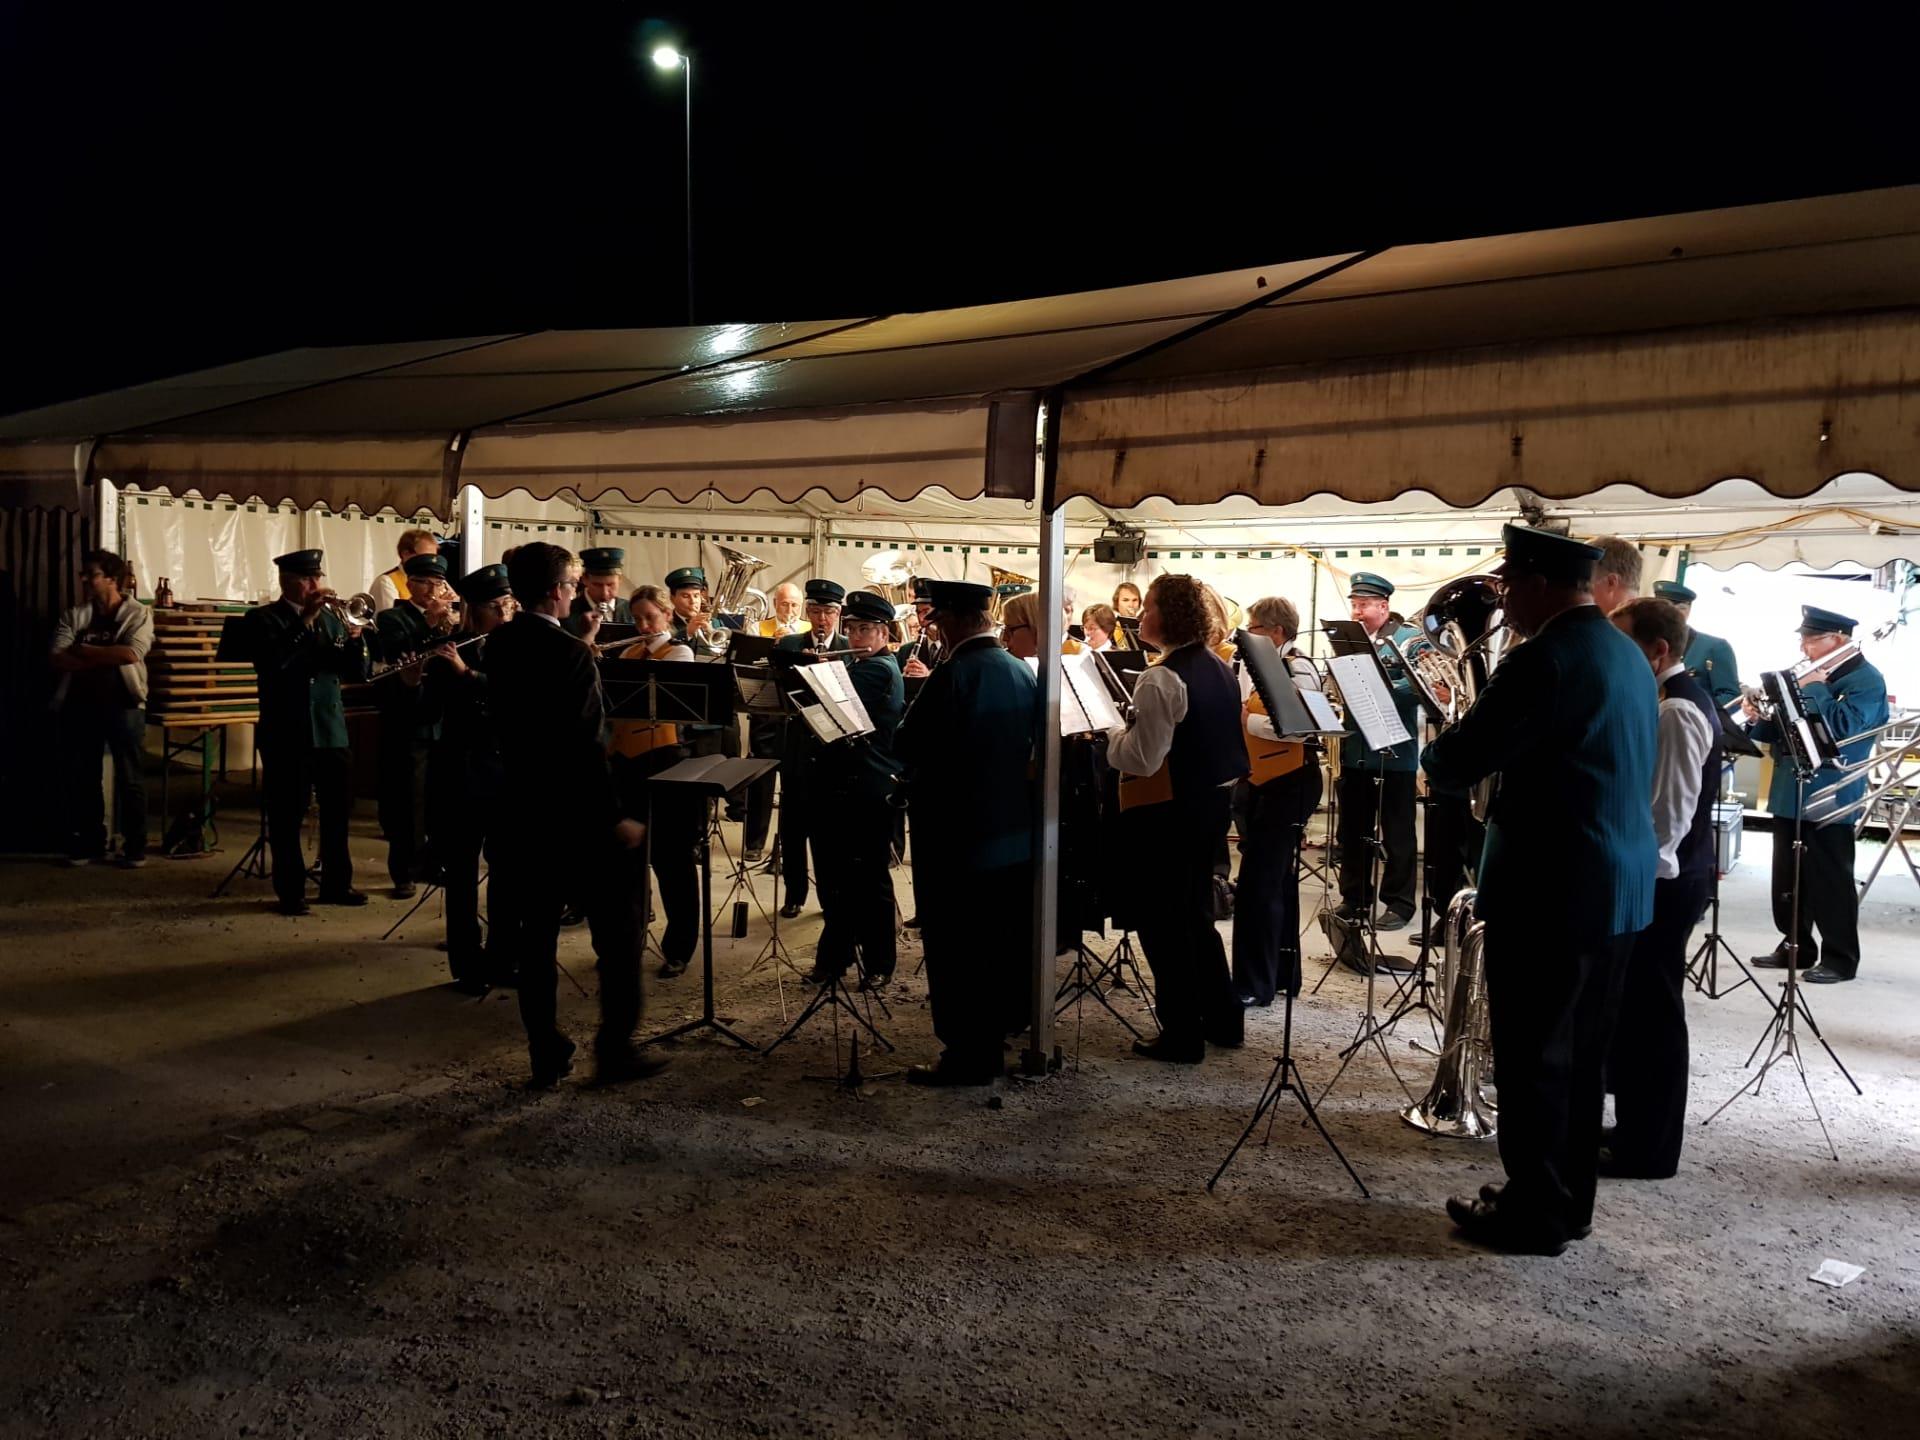 Die HM Elm und die MGH Engi beim gemeinsamen Musizieren am Empfang der JM Schwanden